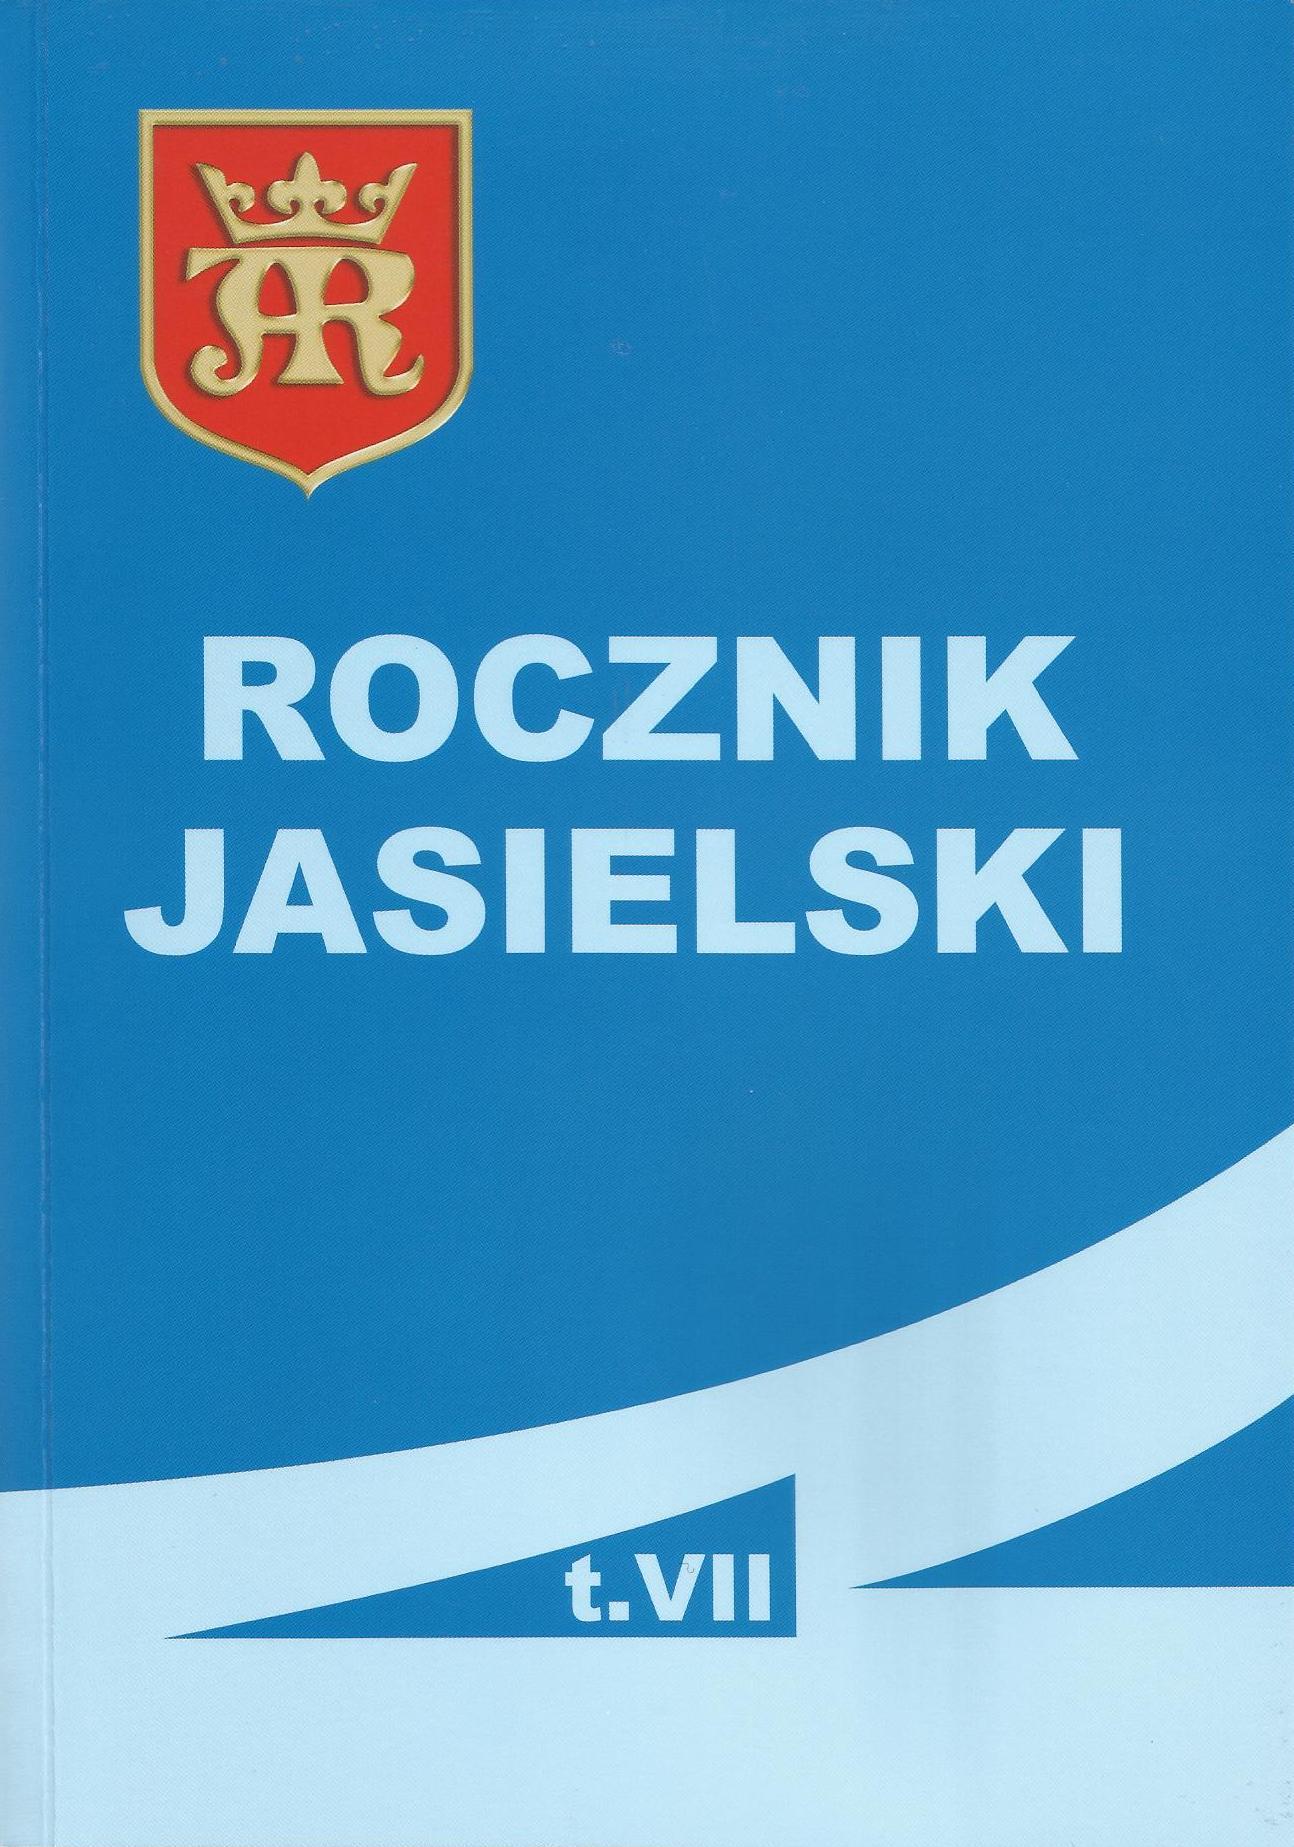 Rocznik jasielski